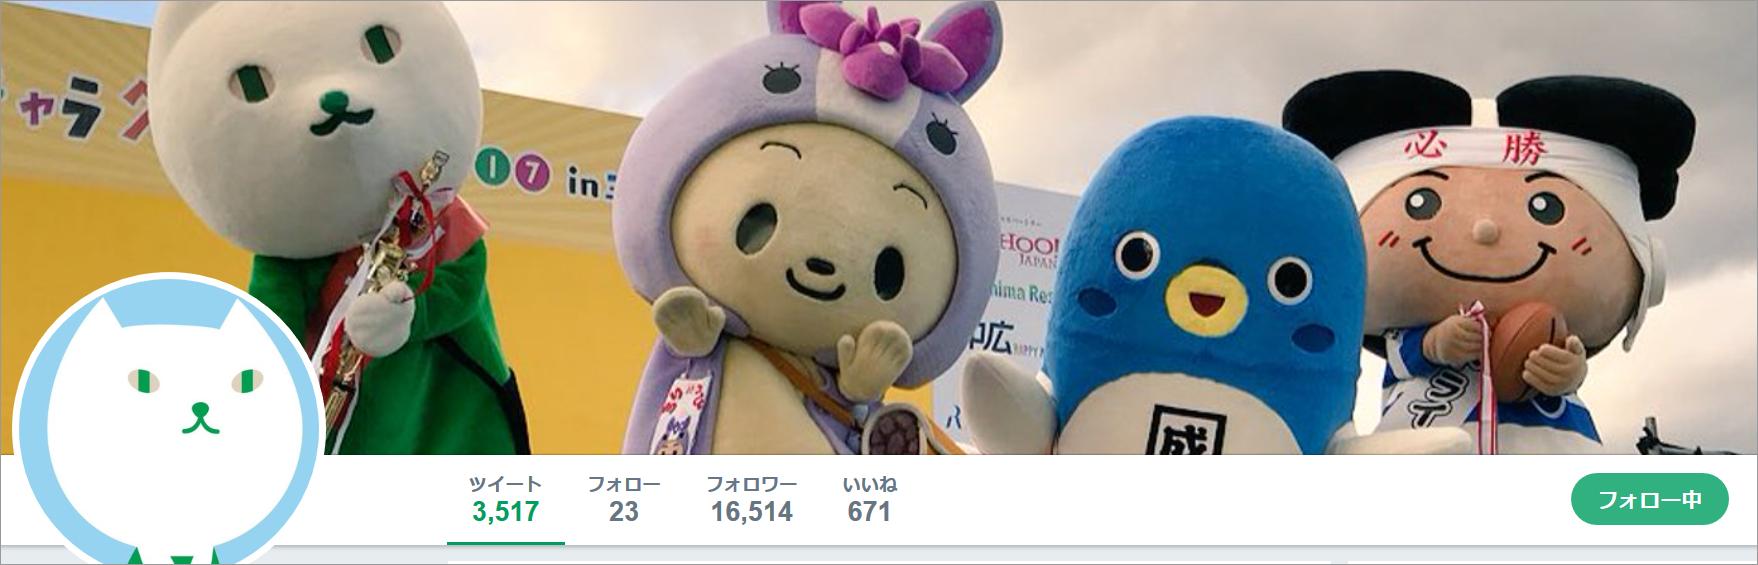 りそな銀行Twitterアカウント画面イメージ